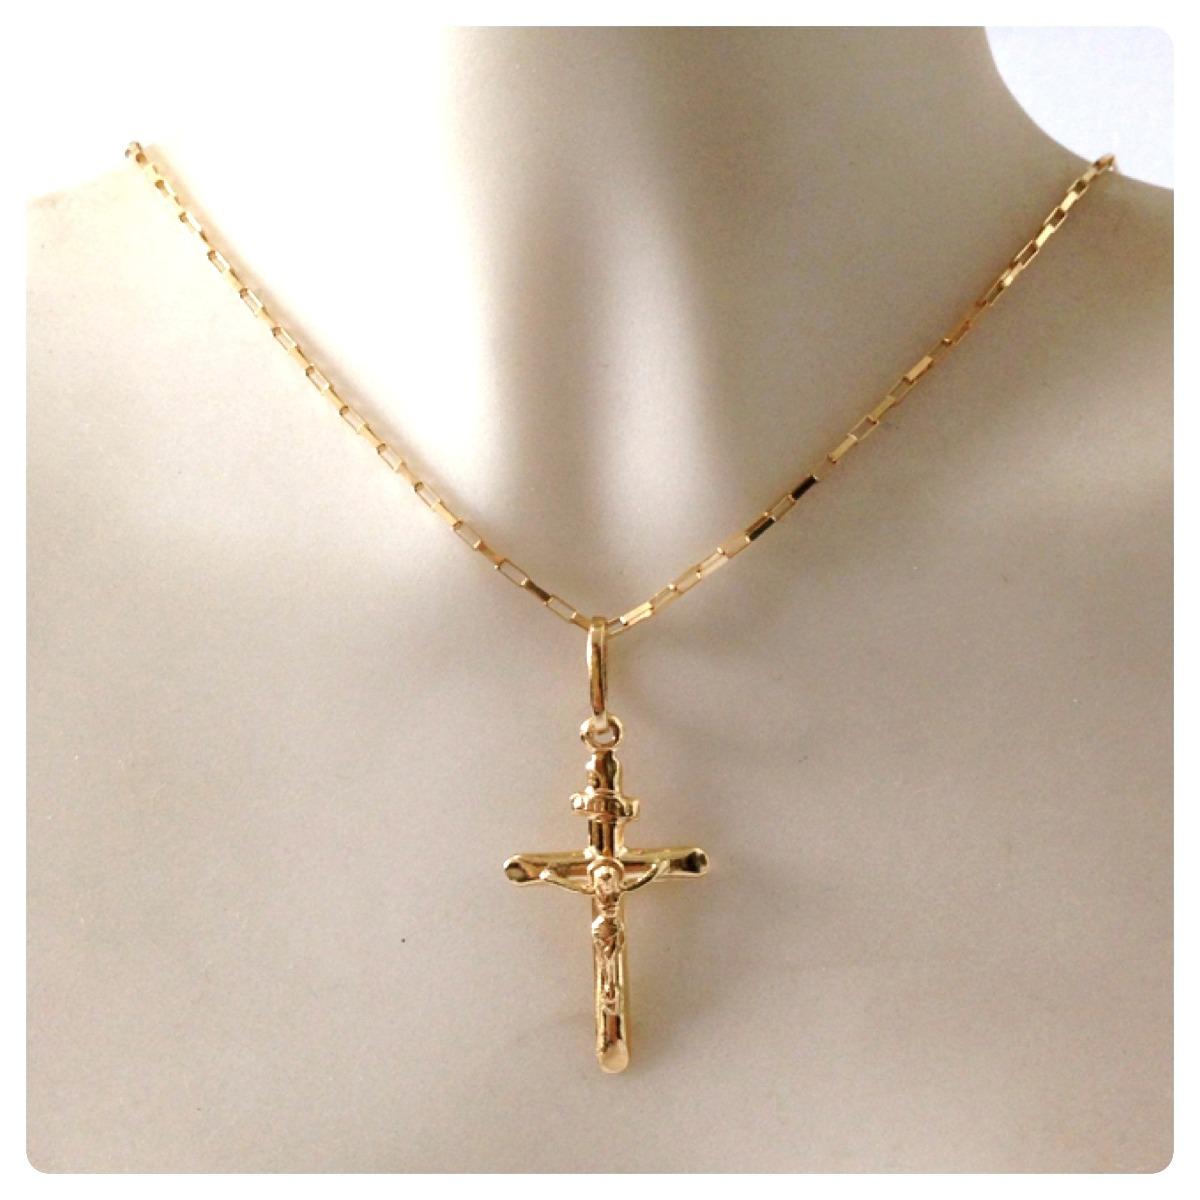 cordão corrente e pingente masculino de 60 cm joia ouro 18k. Carregando  zoom. 67f1b901a5